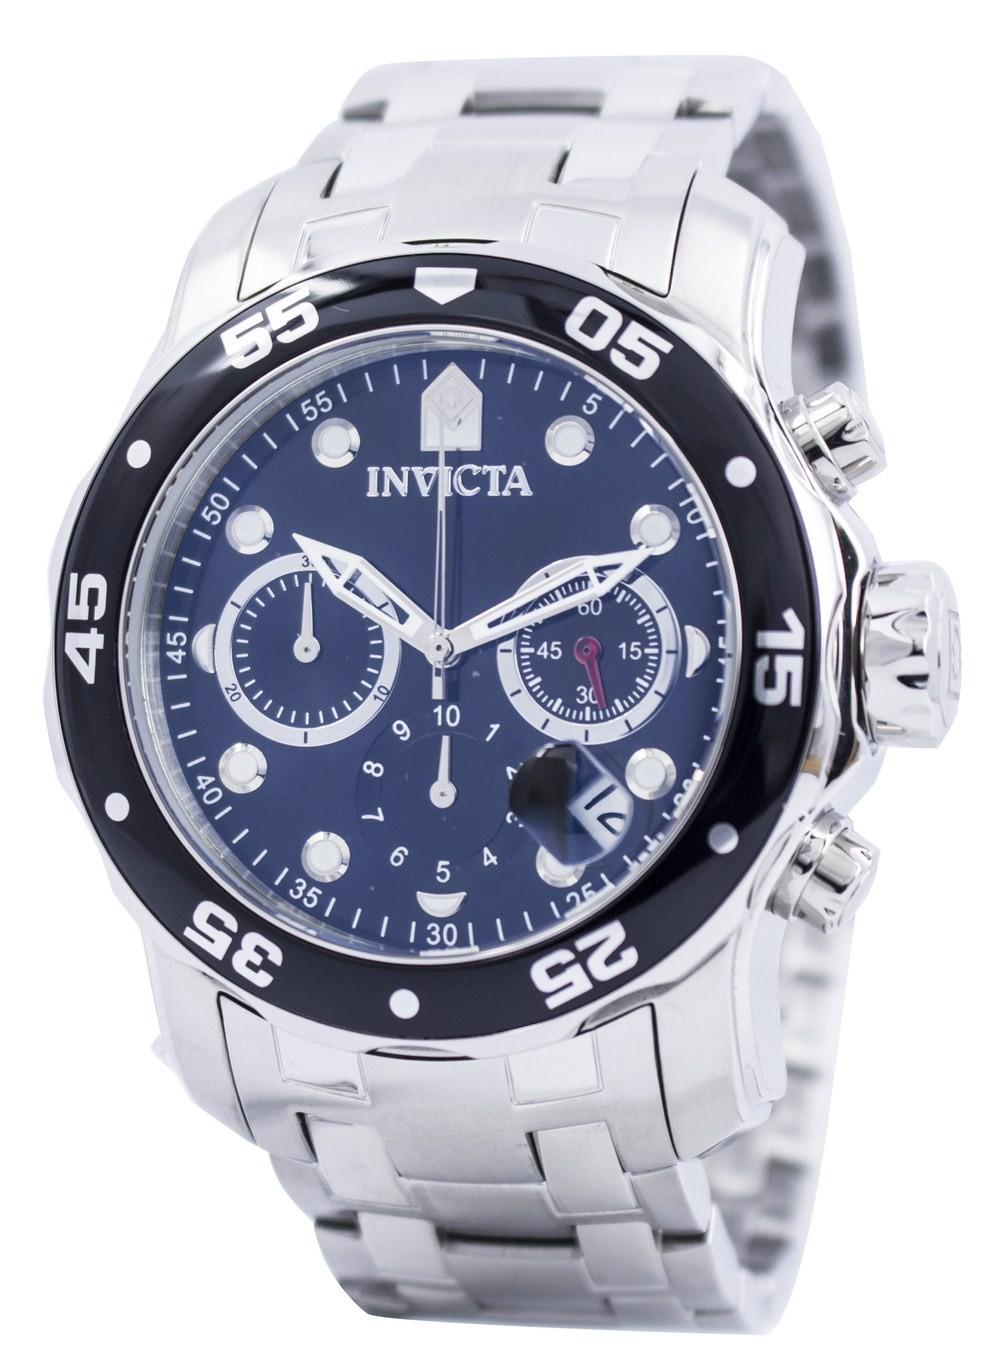 นาฬิกาผู้ชาย Invicta รุ่น INV0069, Pro Diver Chronograph 200M